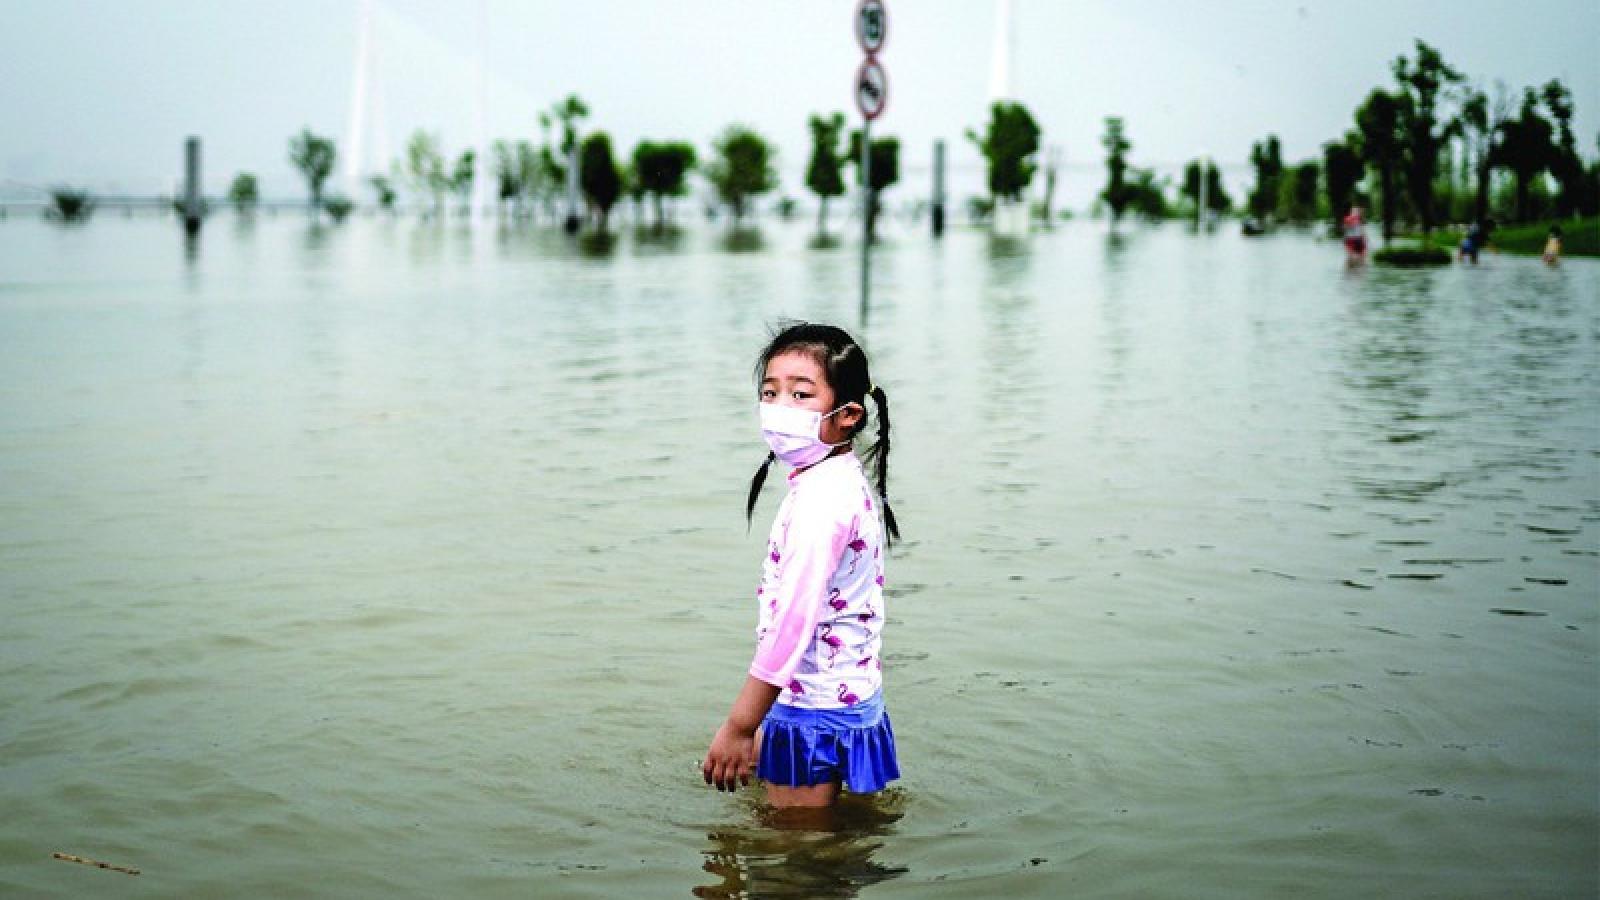 Miền Bắc Trung Quốc sẽ có mưa lớn do ảnh hưởng của bão Mekkhala